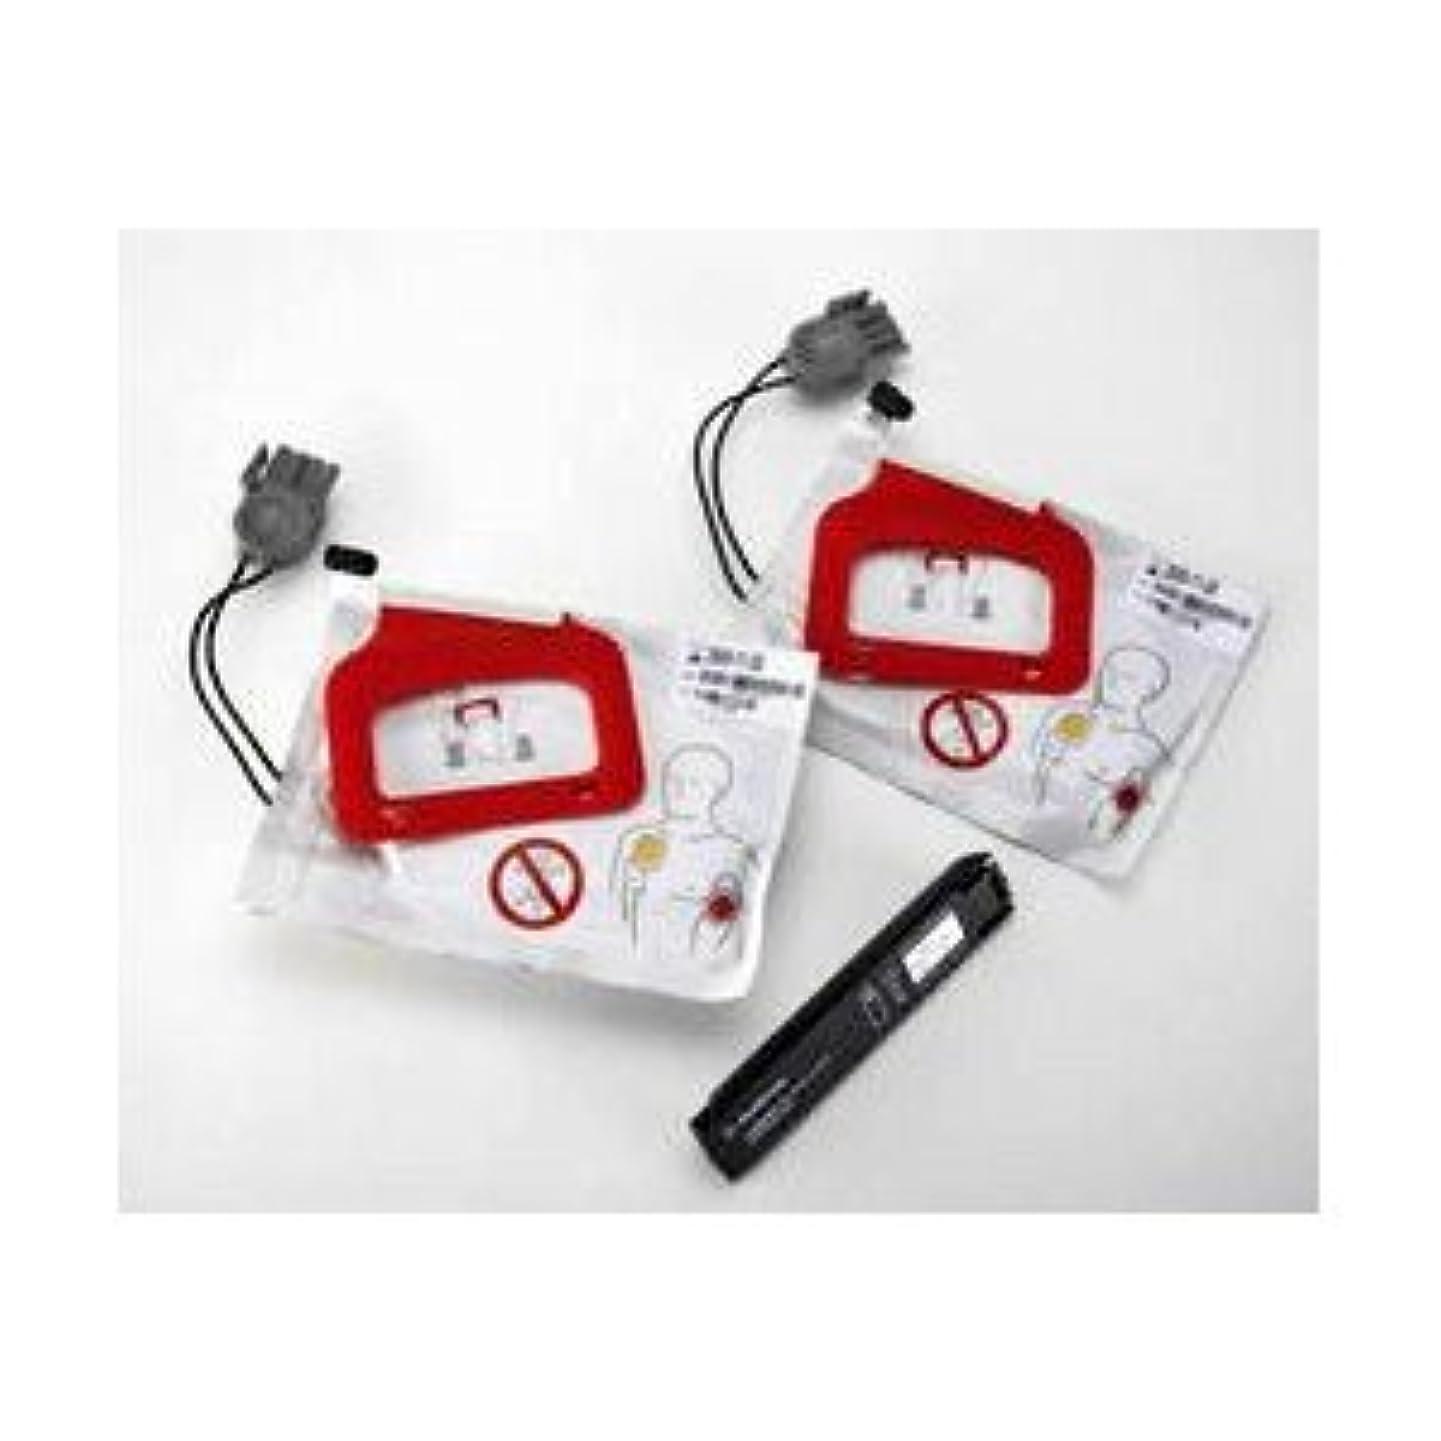 チューリップ文芸彼のフィジオコントロール ライフパック CR Plus 交換用キット 電極パッド&バッテリ